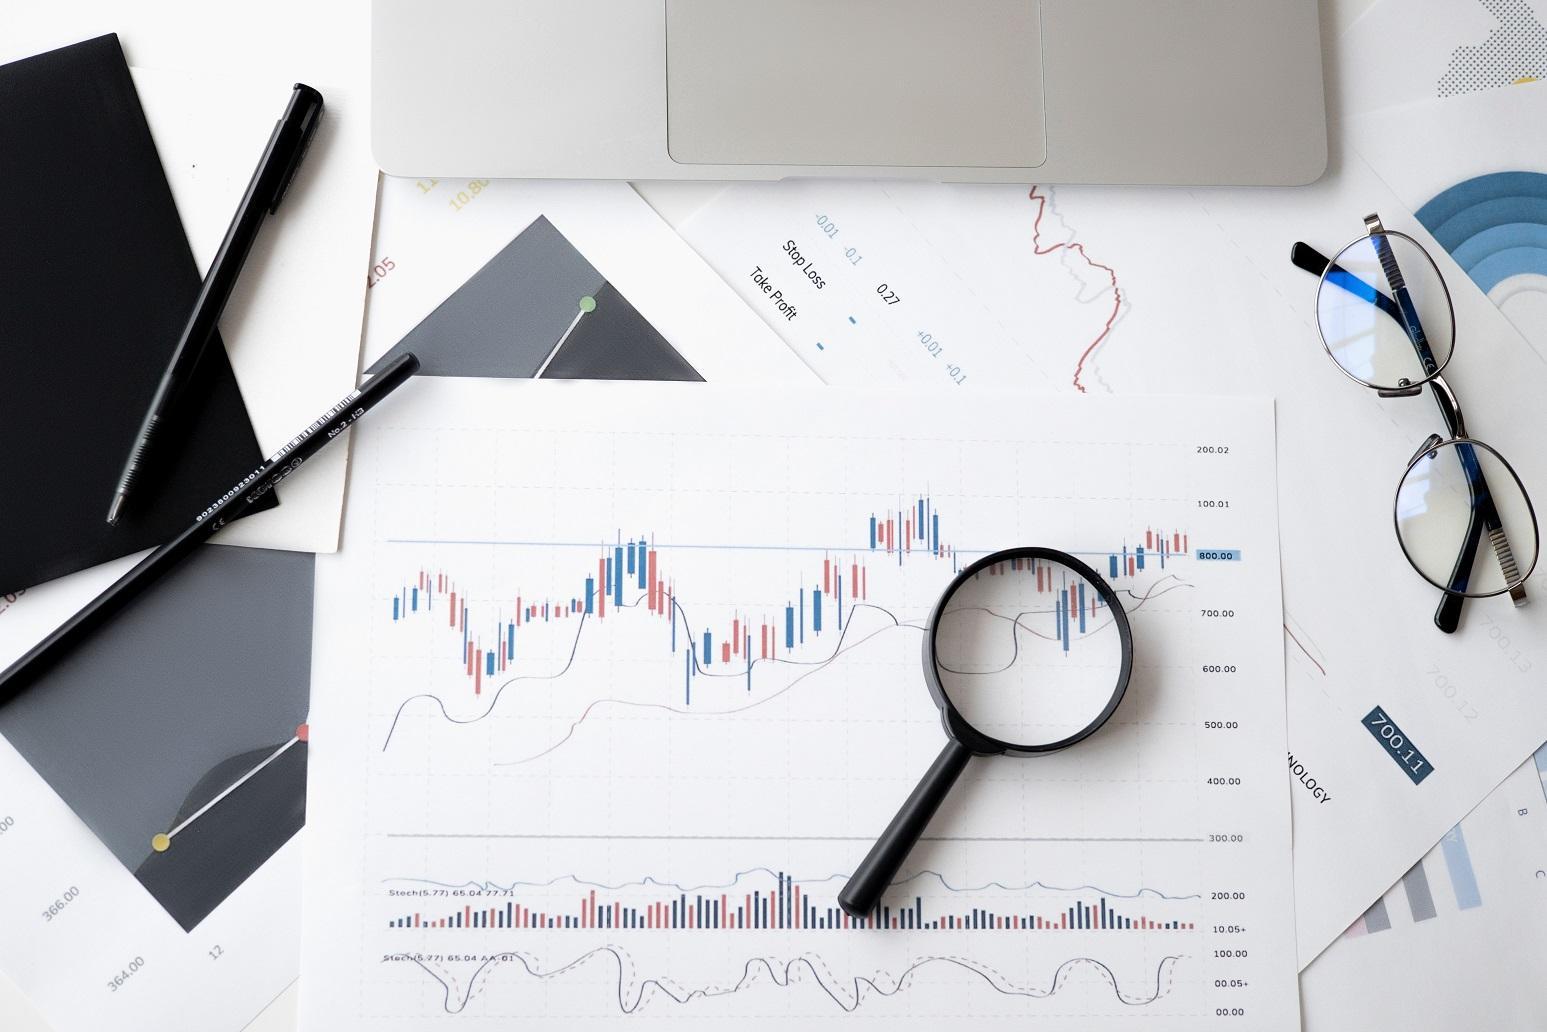 kutatás, növekedés, pénzügy